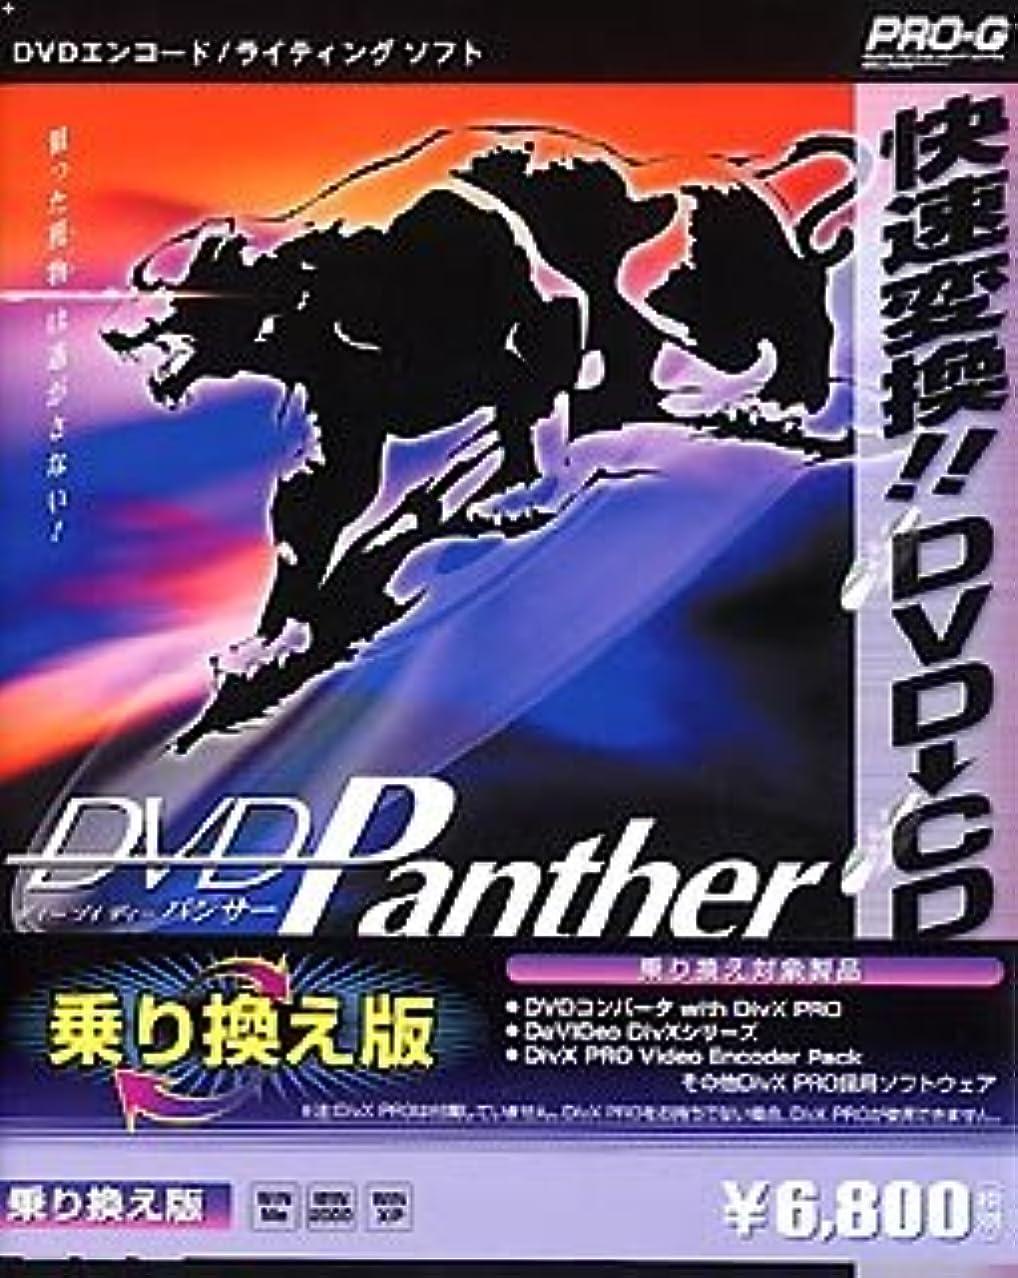 冬寝室を掃除する移動DVD Panther 乗り換え版